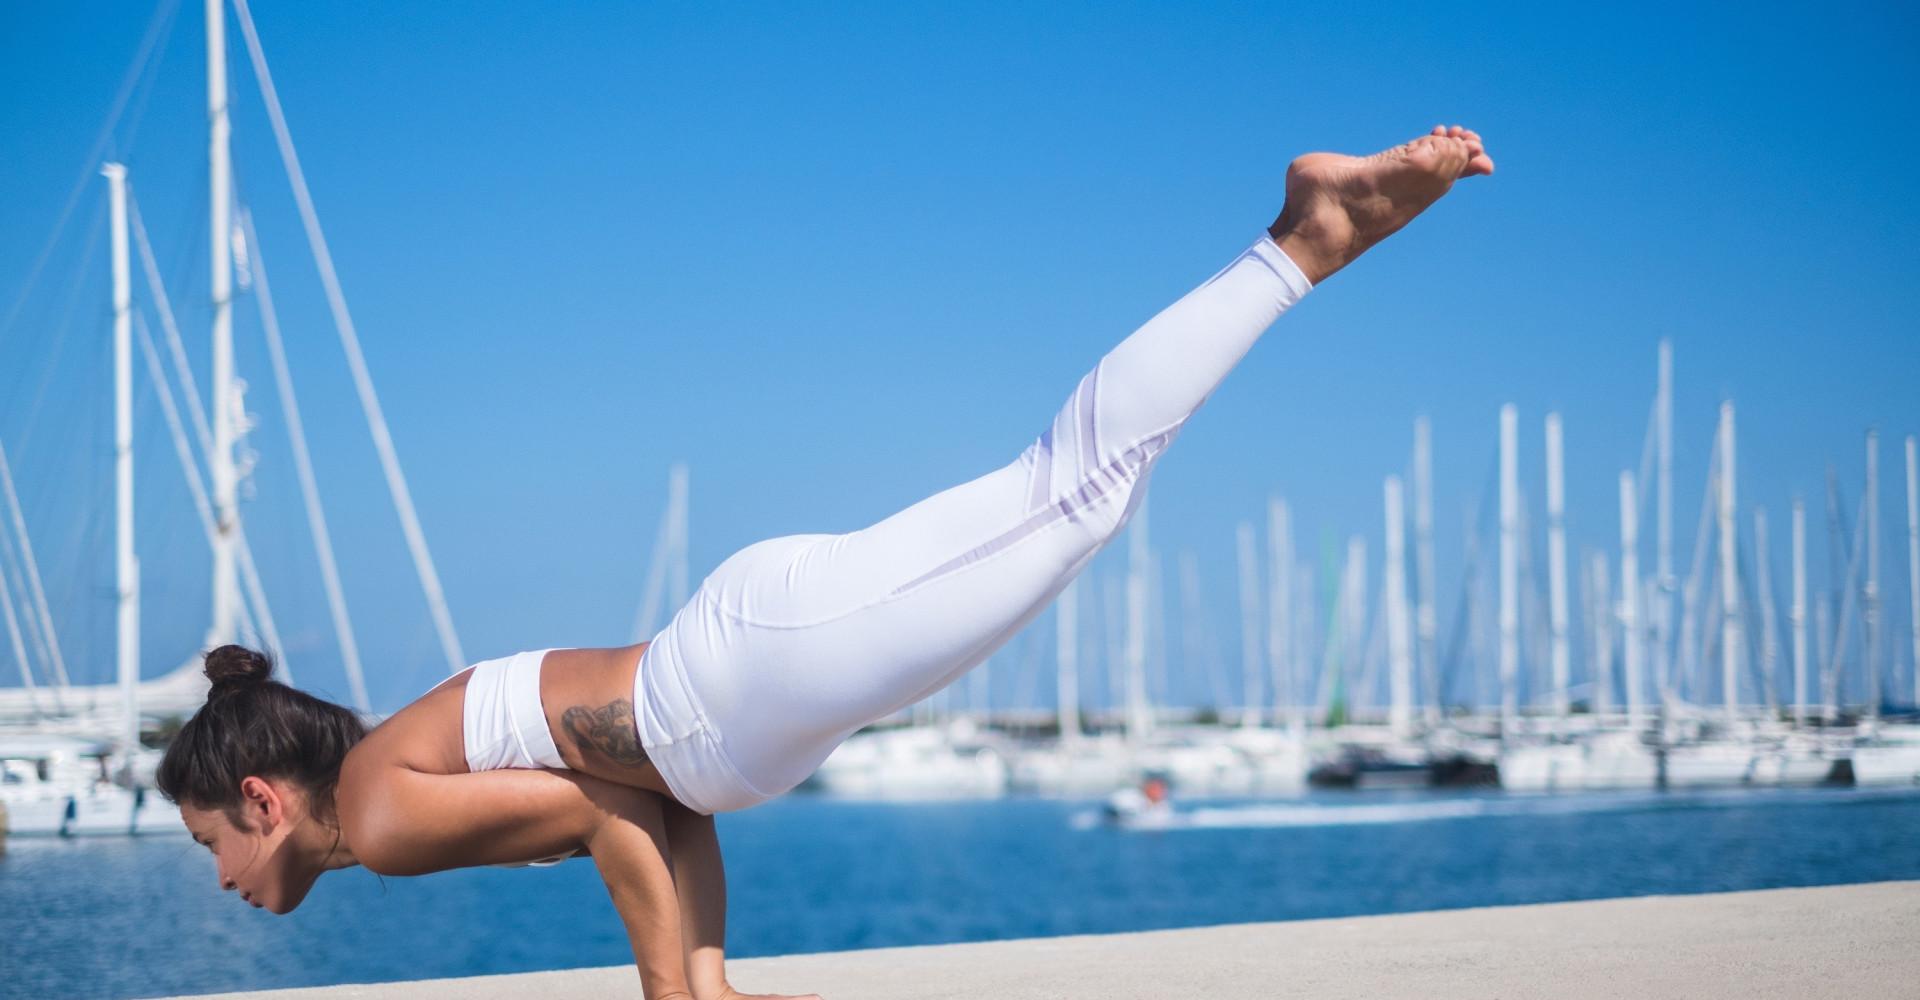 Wist je dat deze BN'ers aan yoga doen?